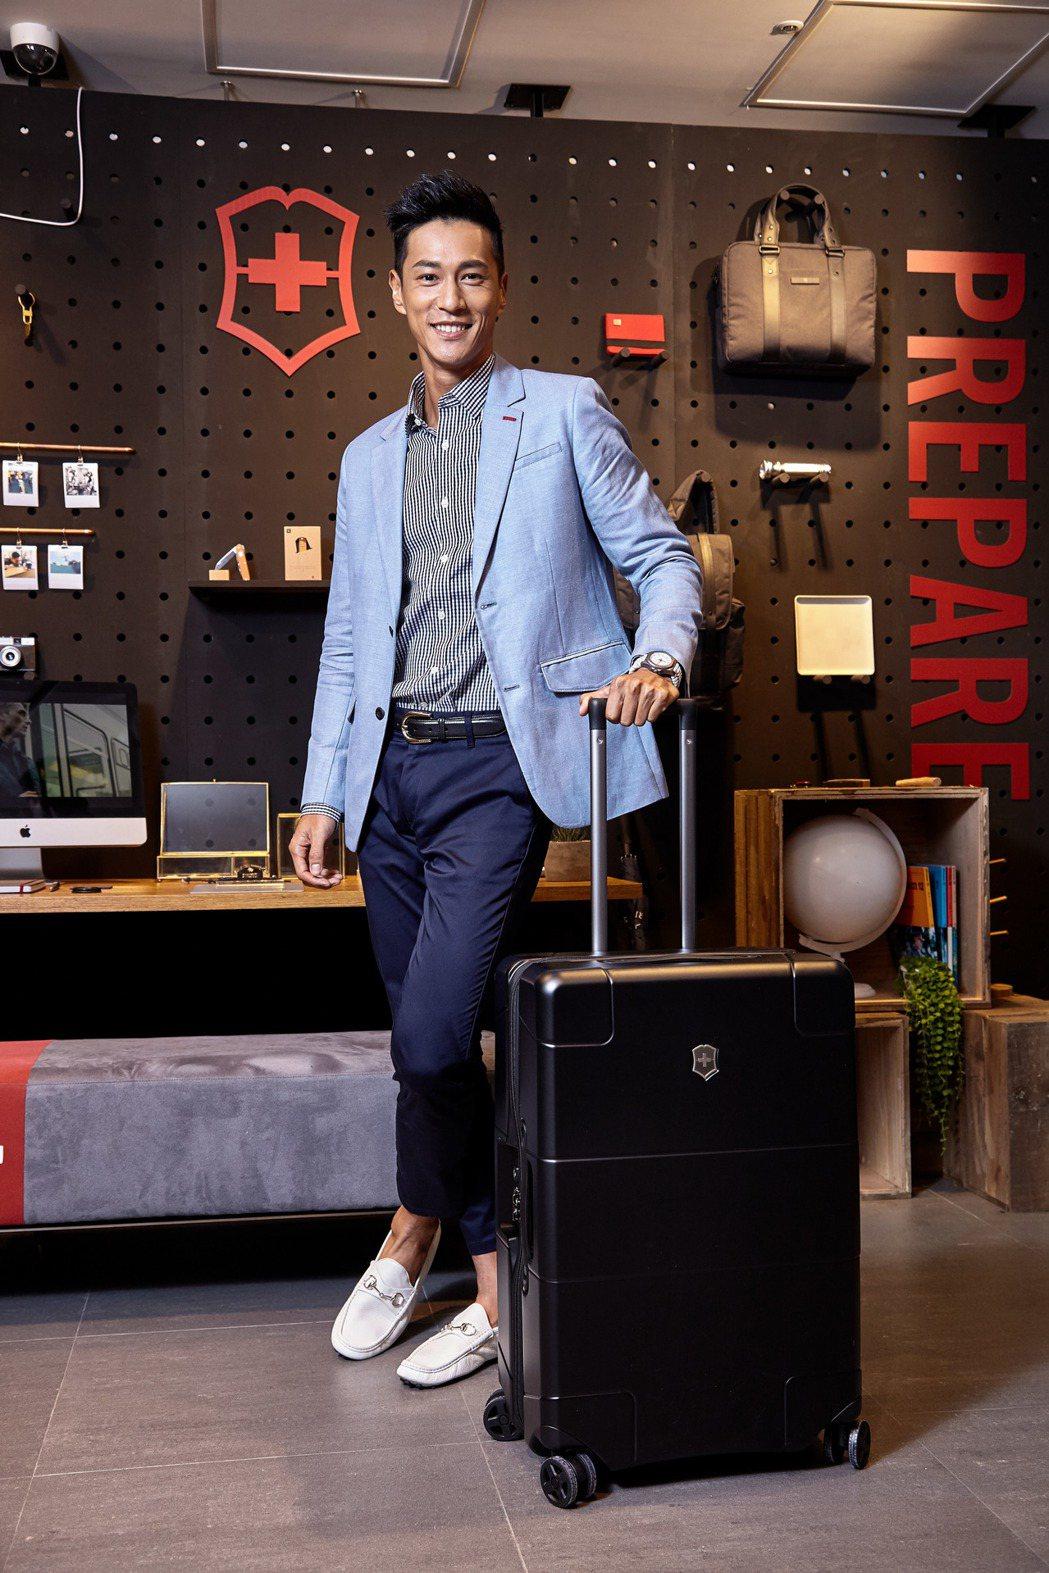 鍾承翰熱愛運動,也重視自己的時尚品味。圖/瑞士維氏提供